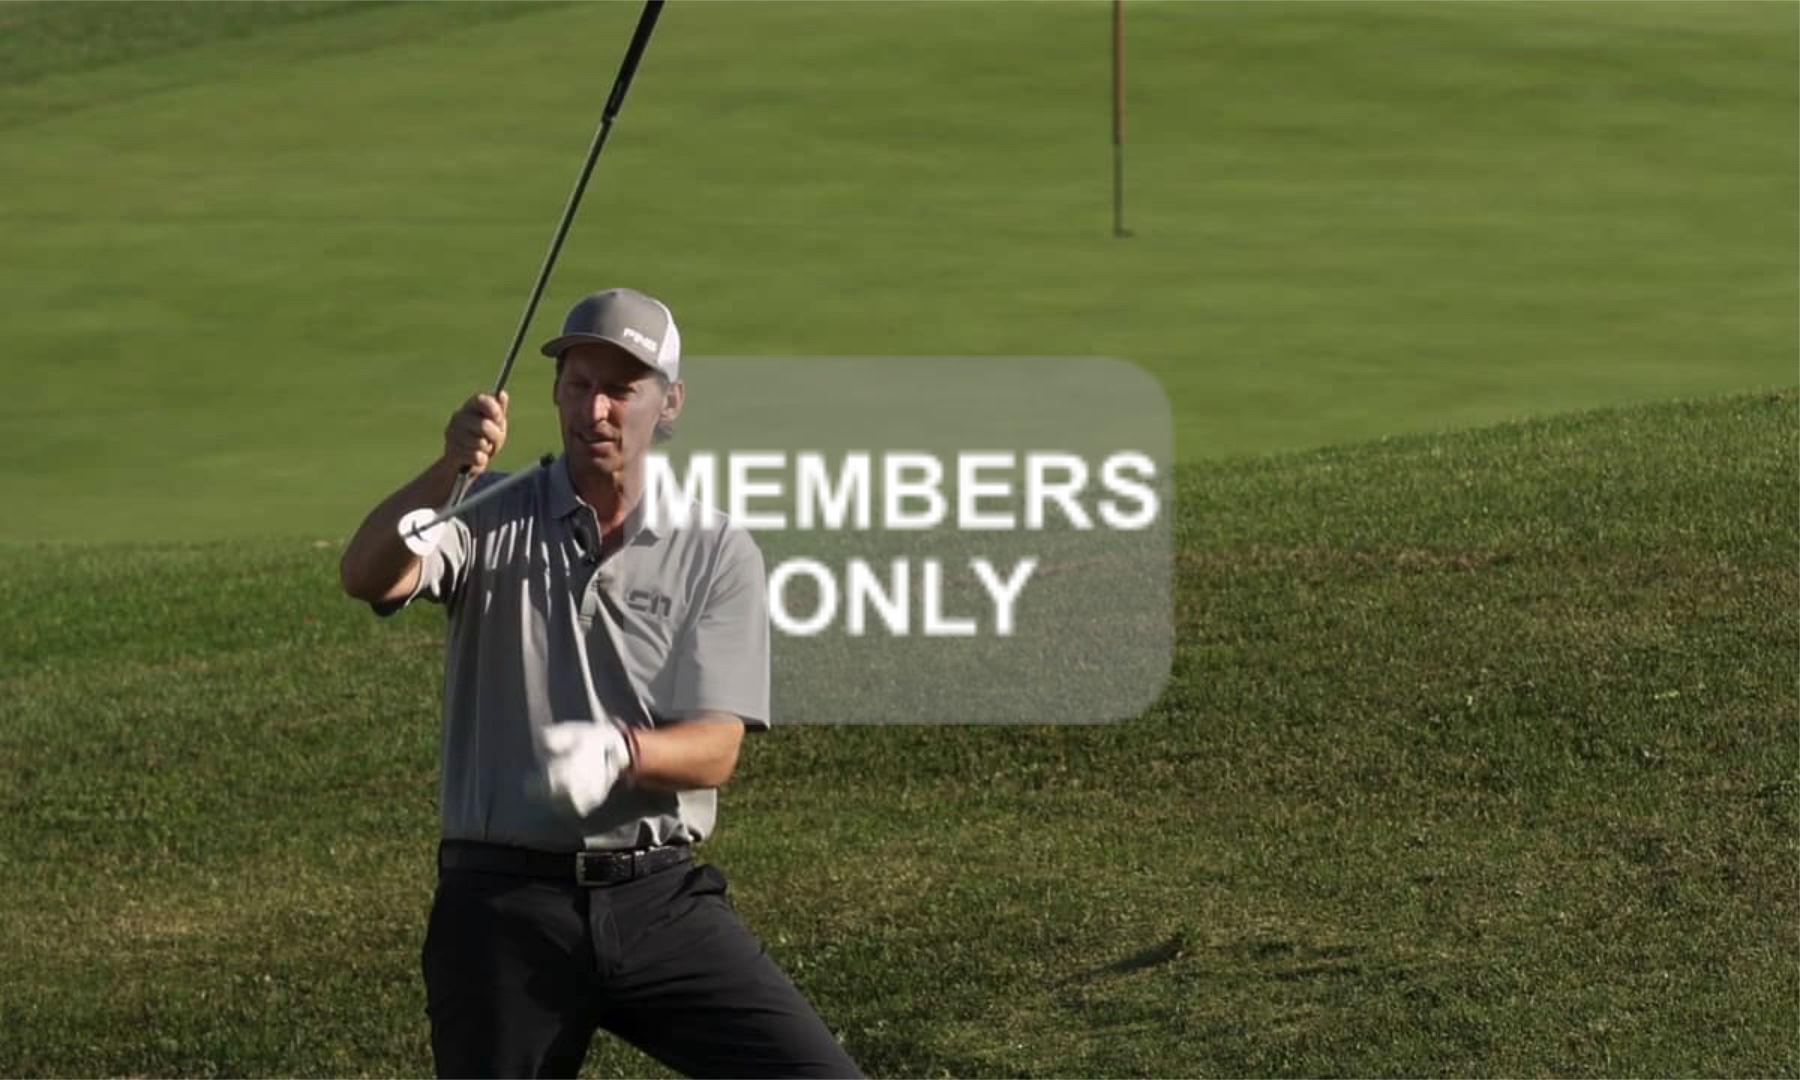 Golf lernen Videoportal – Golf spielen lernen – Schräg